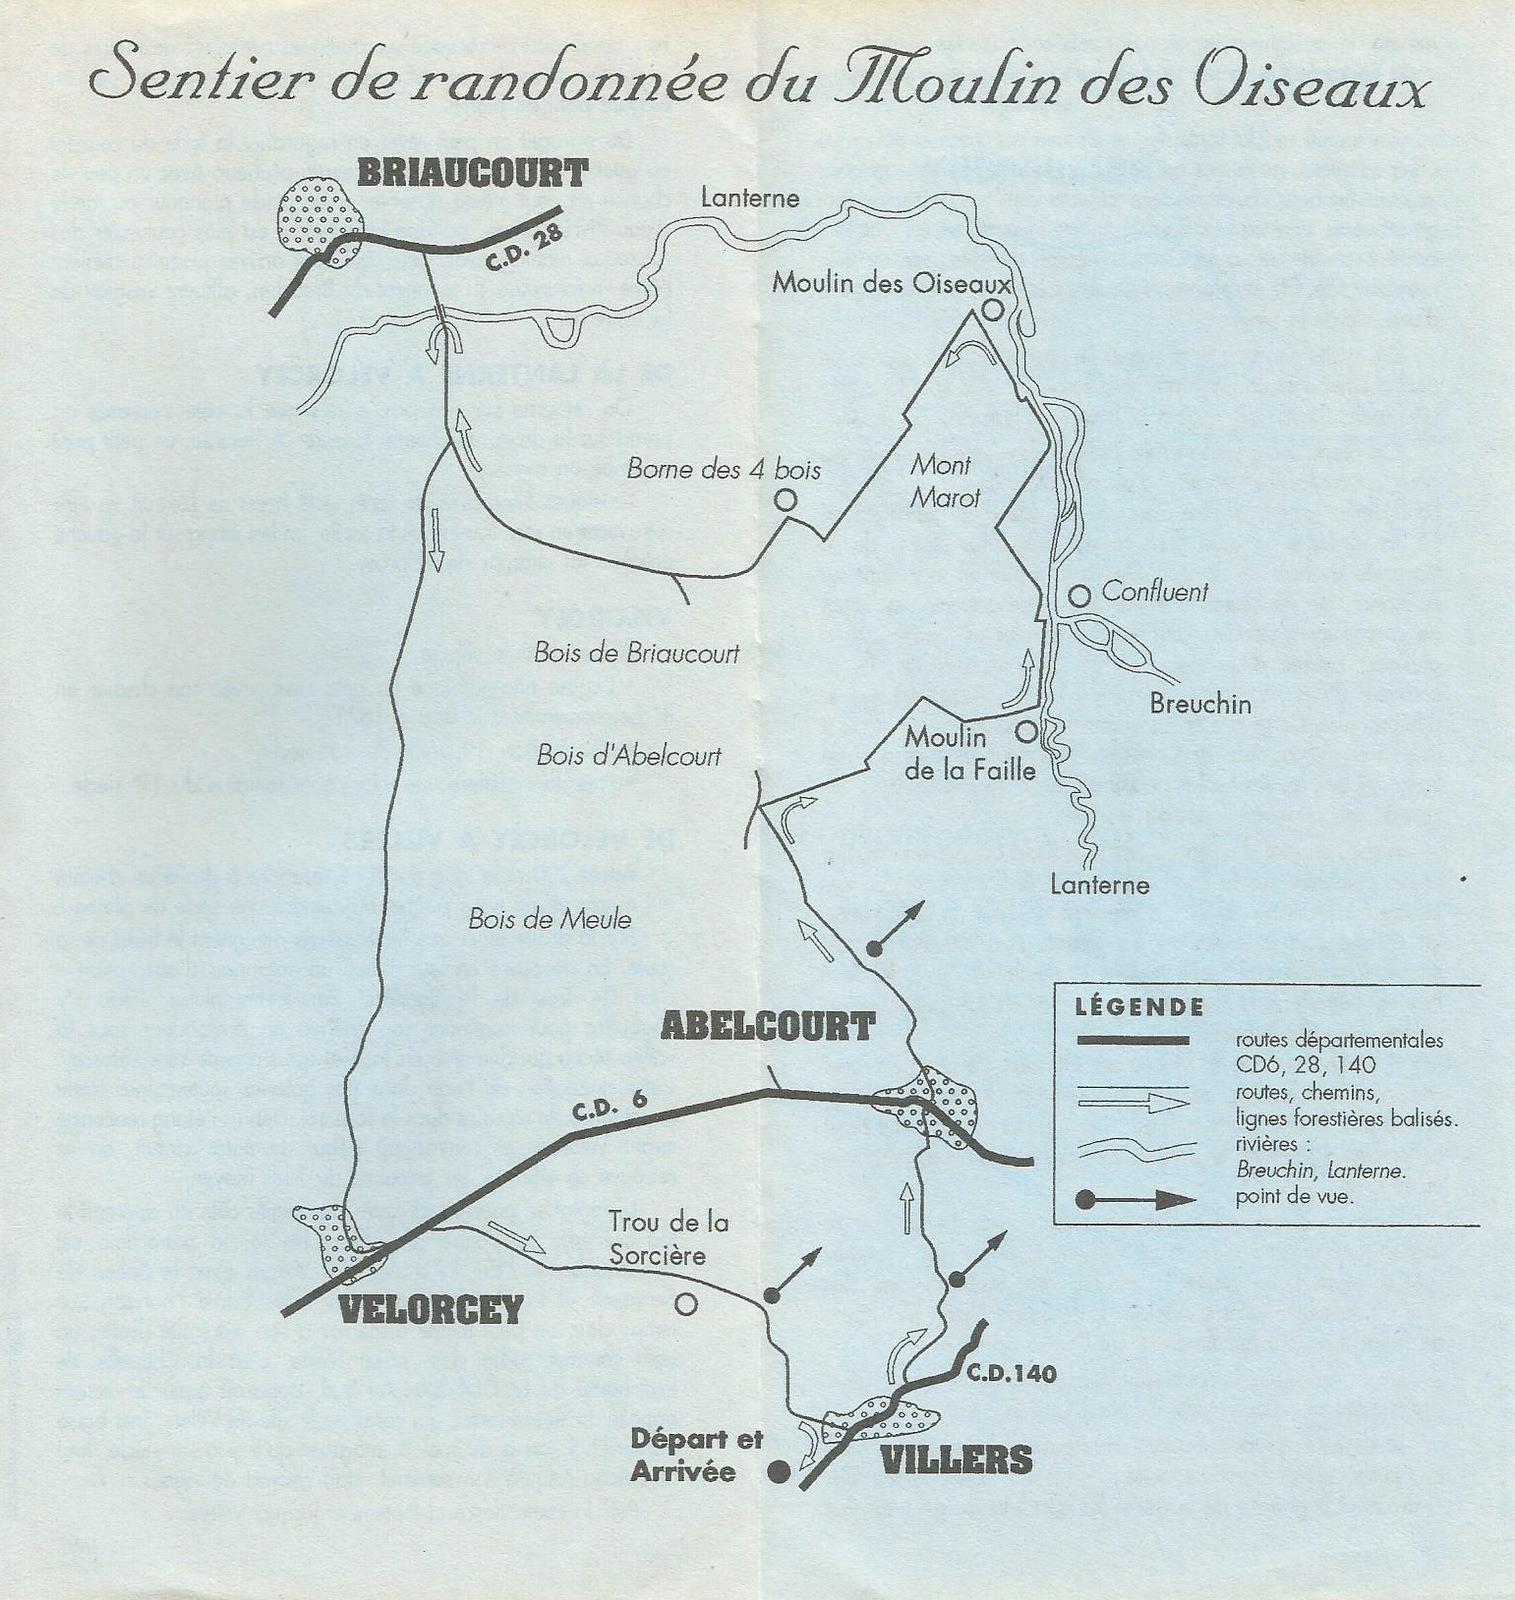 https://www.villers-les-luxeuil.com/projets/villers/files/images/0_Base_LVC/Randonnees/Randonnee_Moulin_Oiseaux_Plan.jpg